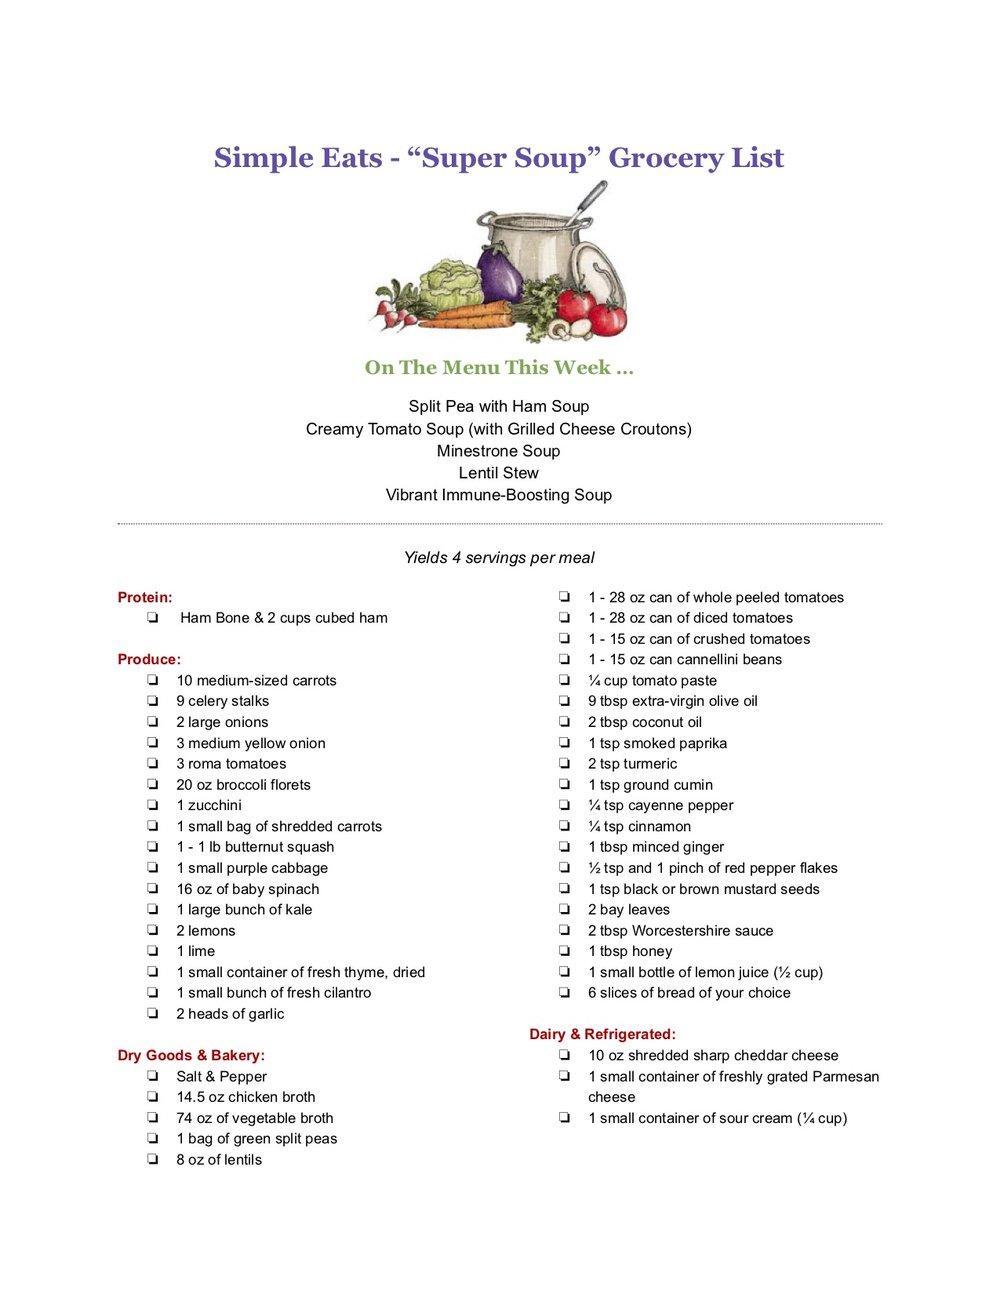 Simple Eats - _Super Soup_ Grocery List - Google Docs copy.jpg